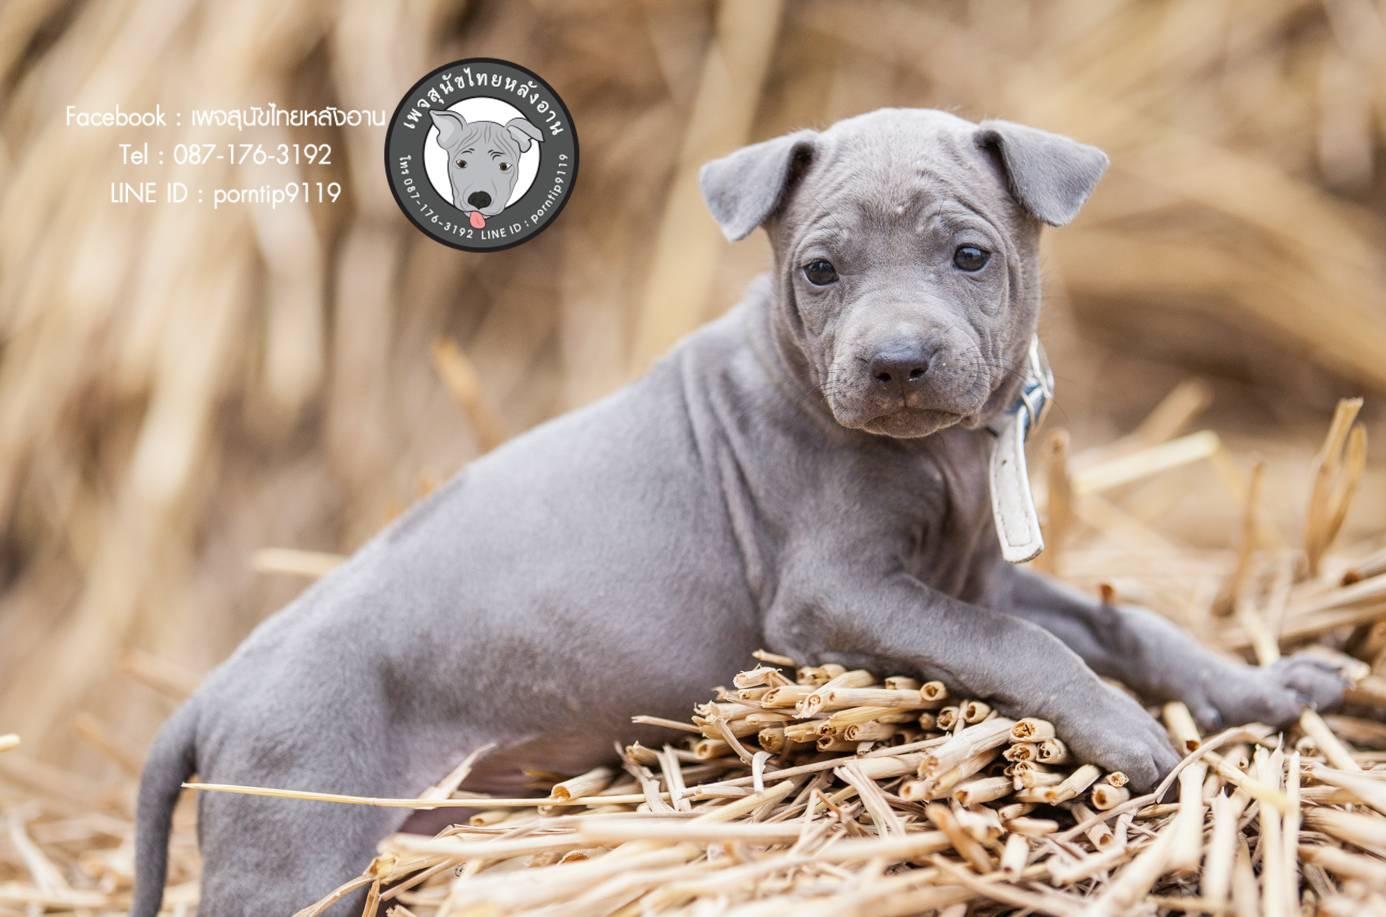 สุนัขไทยหลังอาน ขายสุนัขไทยหลังอาน   ลูกสุนัขไทยหลังอานnet-0090